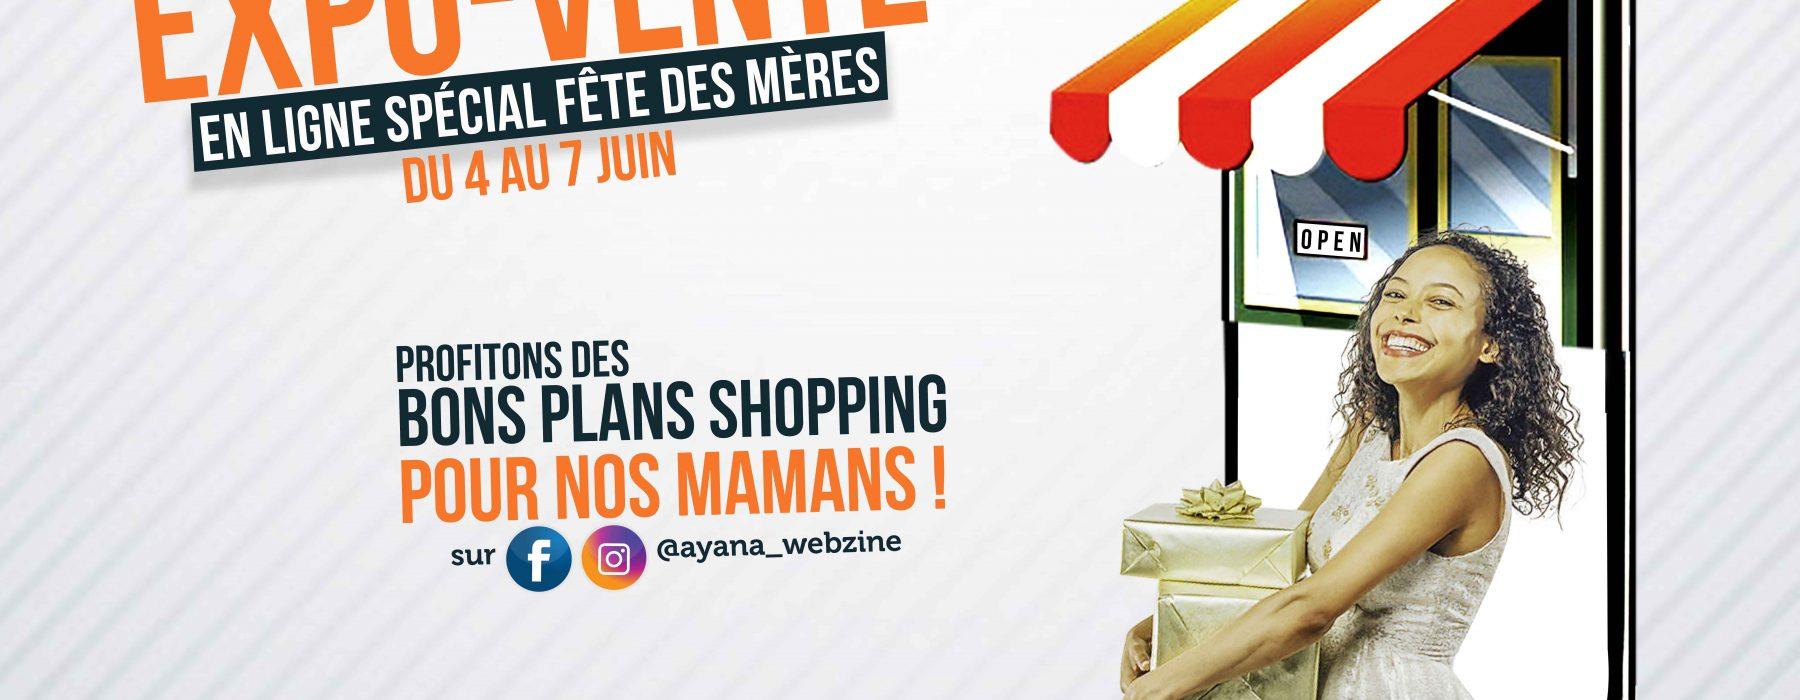 [Bon Plan] L'expo-vente 100% en ligne spécial fête des mères